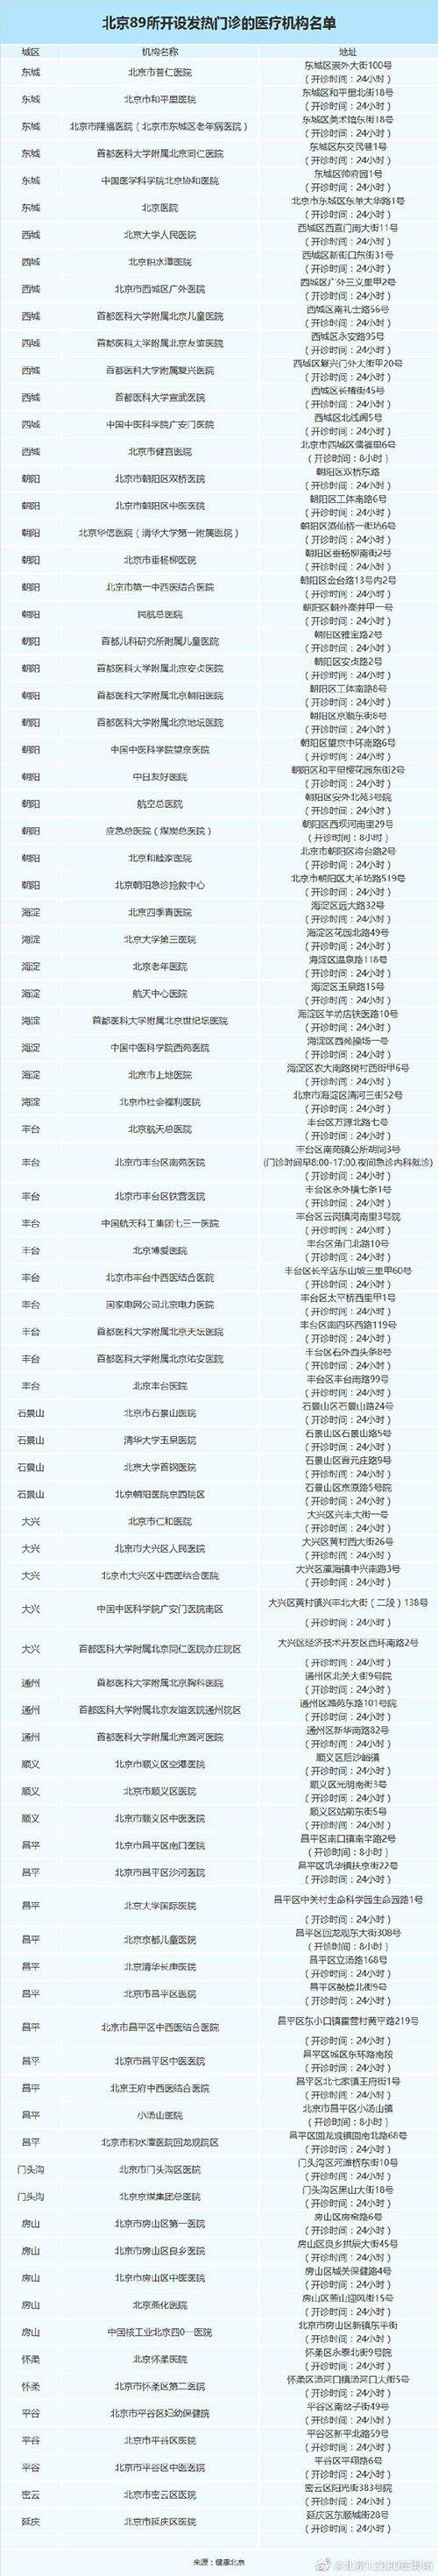 北京89所开设发热门诊的医疗机构名单(地址+开诊时间)